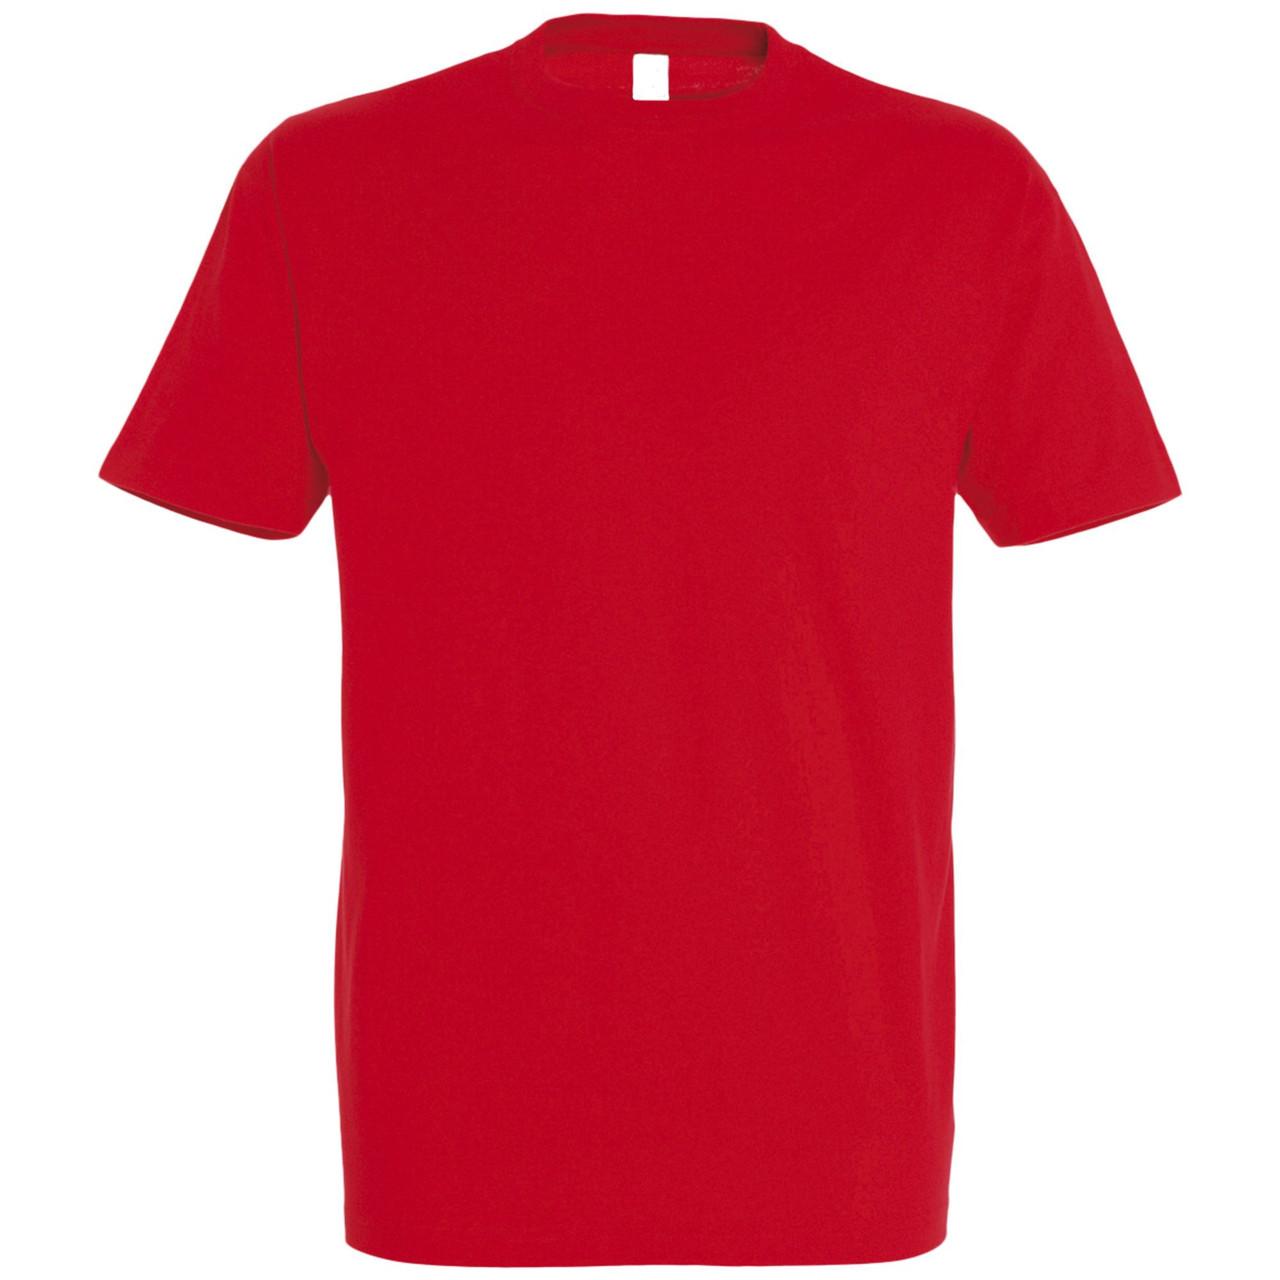 Oднотонная футболка | Красная | 160 гр. | XS